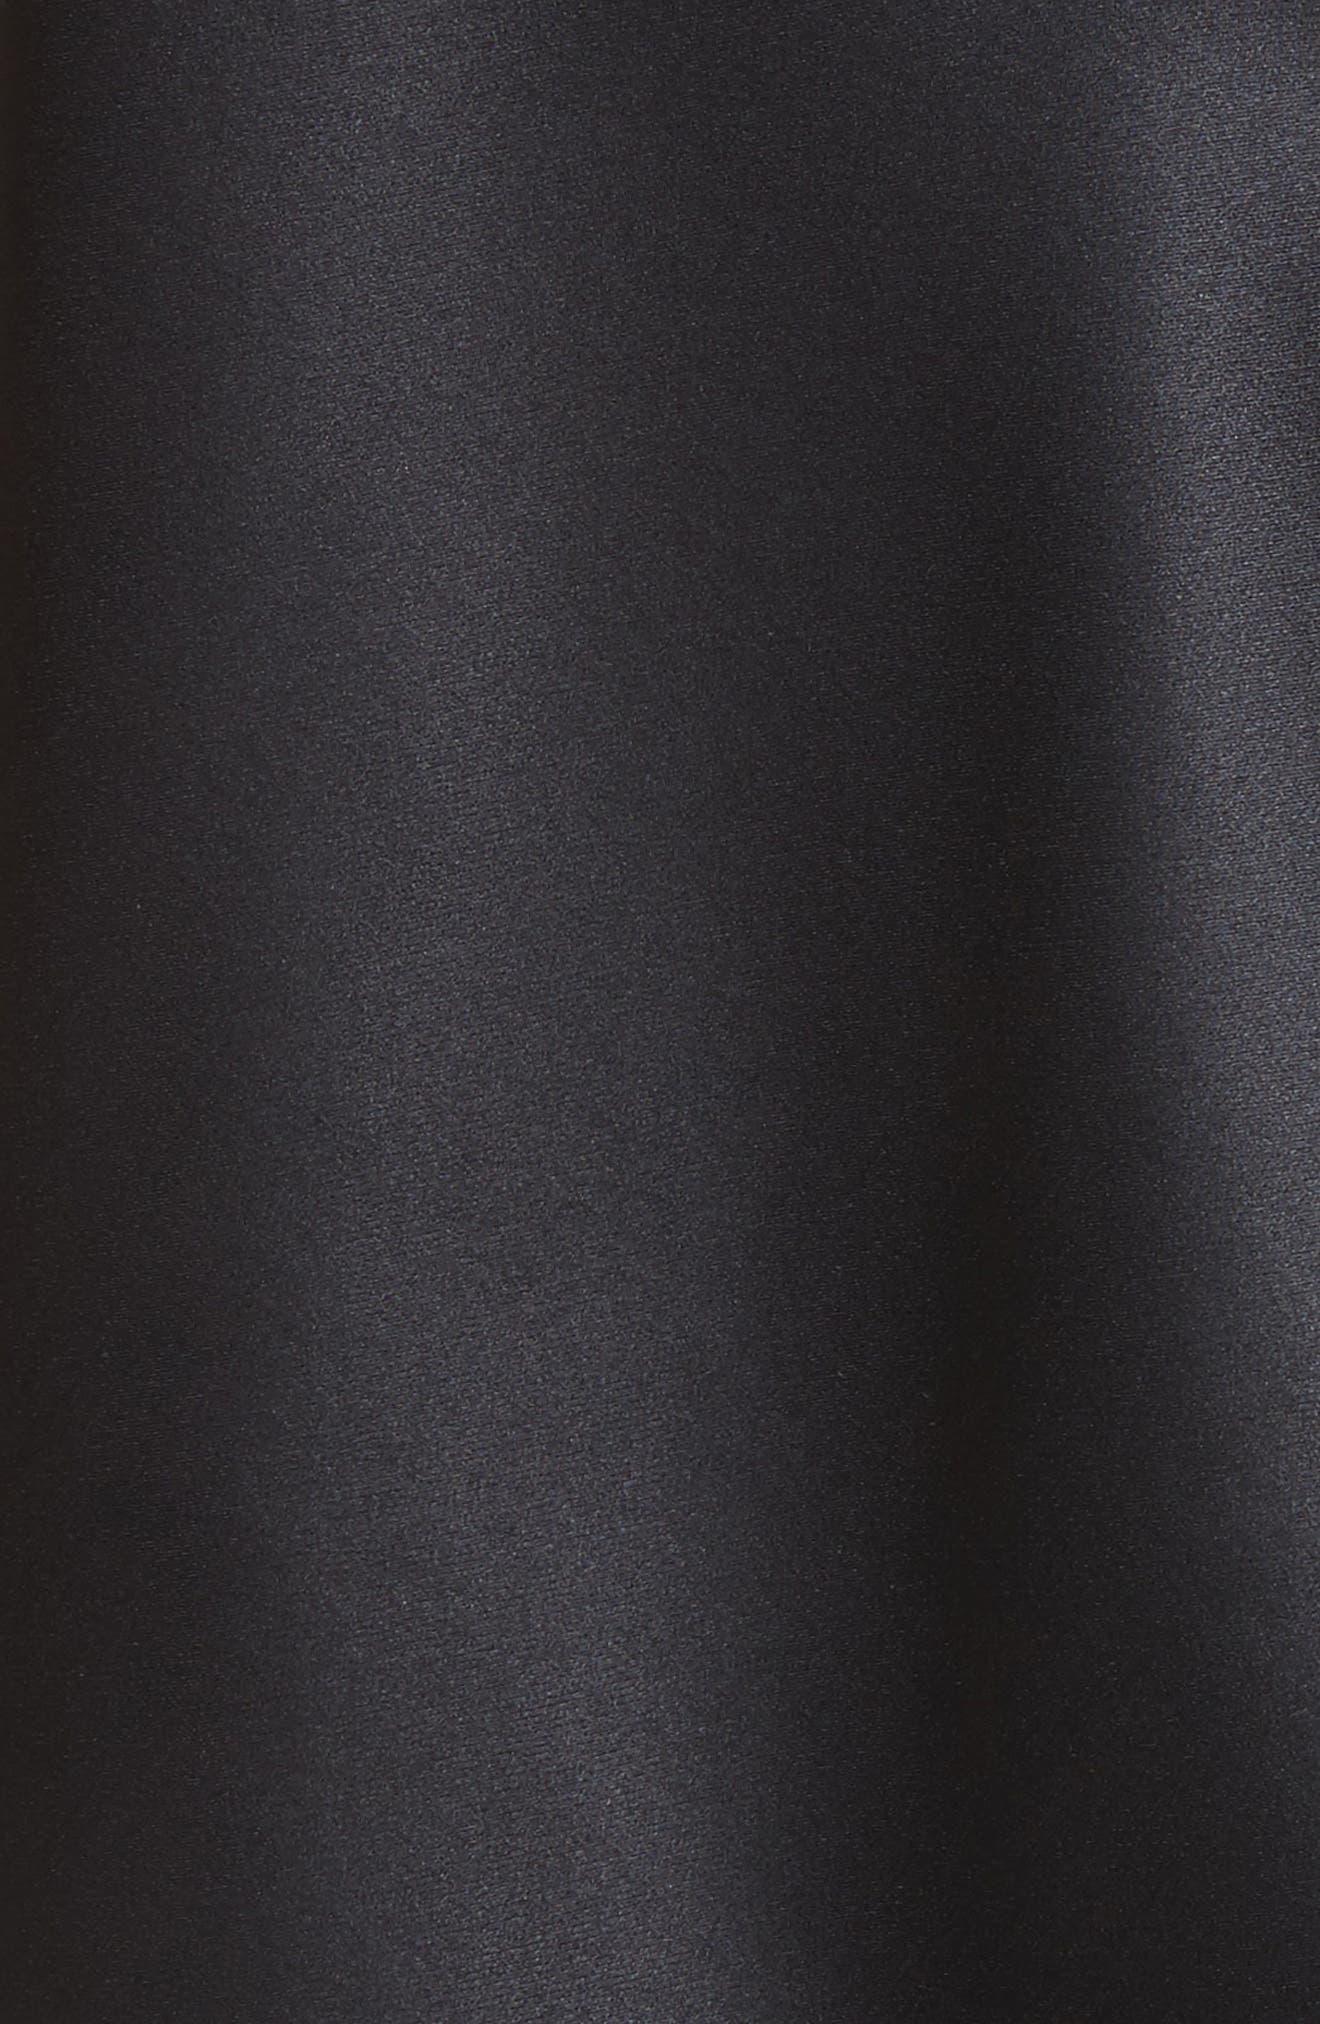 Claire Lace Pocket Camisole,                             Alternate thumbnail 5, color,                             Black